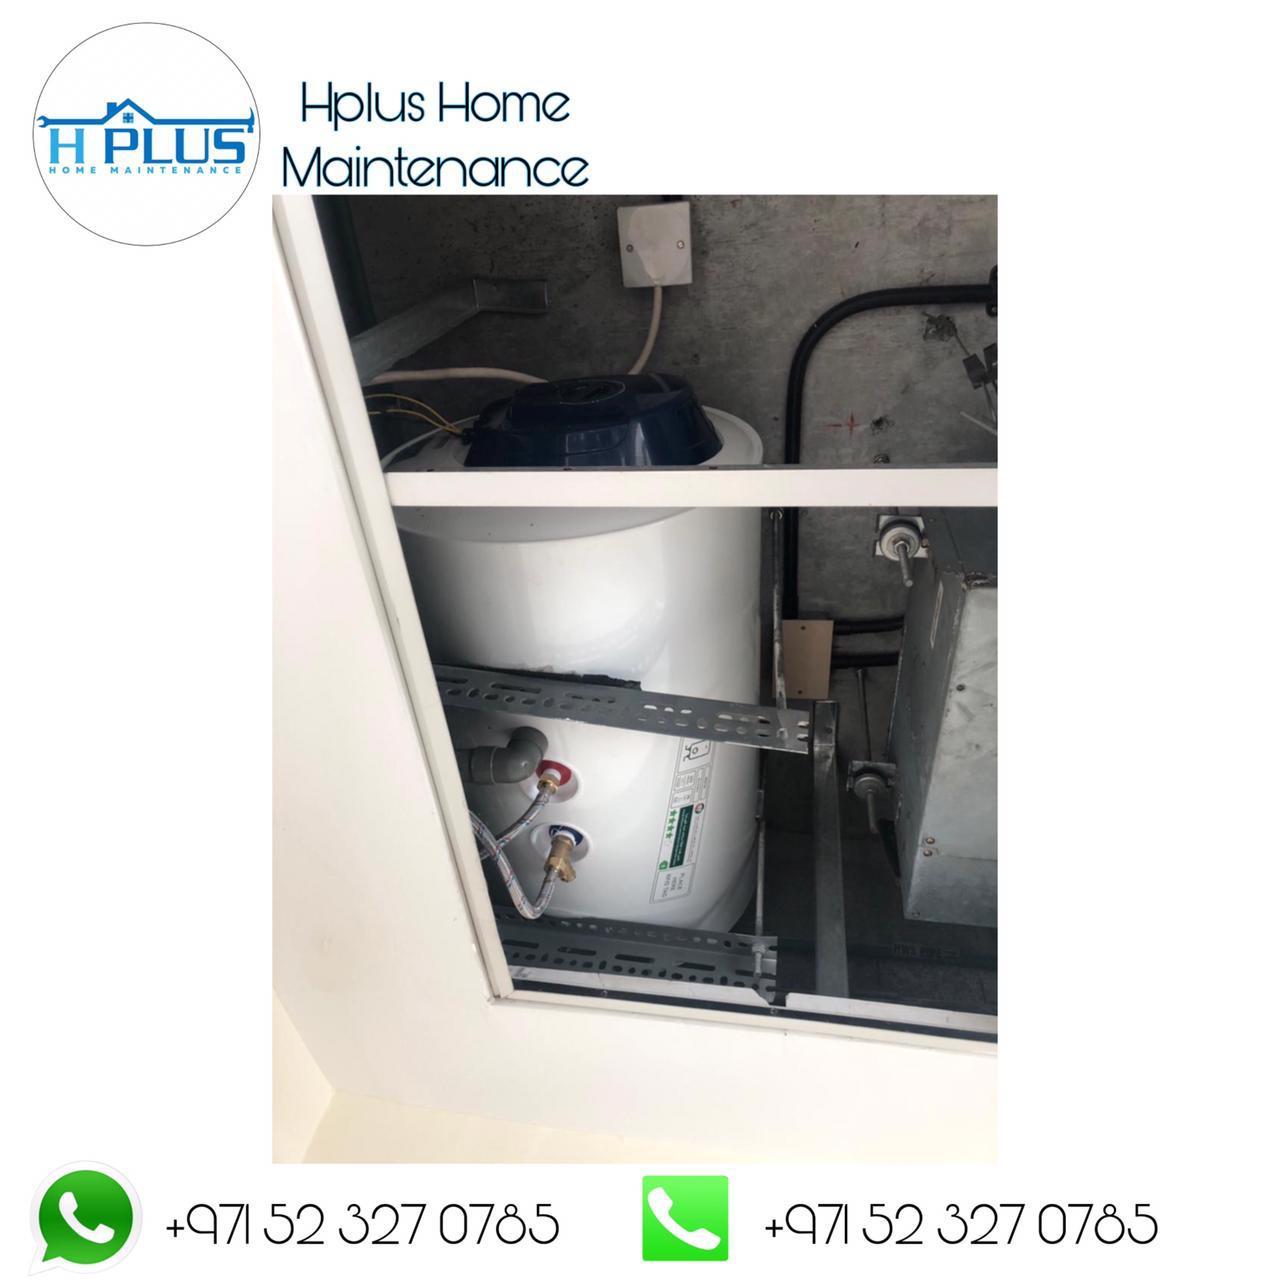 WhatsApp Image 2021-03-12 at 7.07.22 PM (1).jpeg